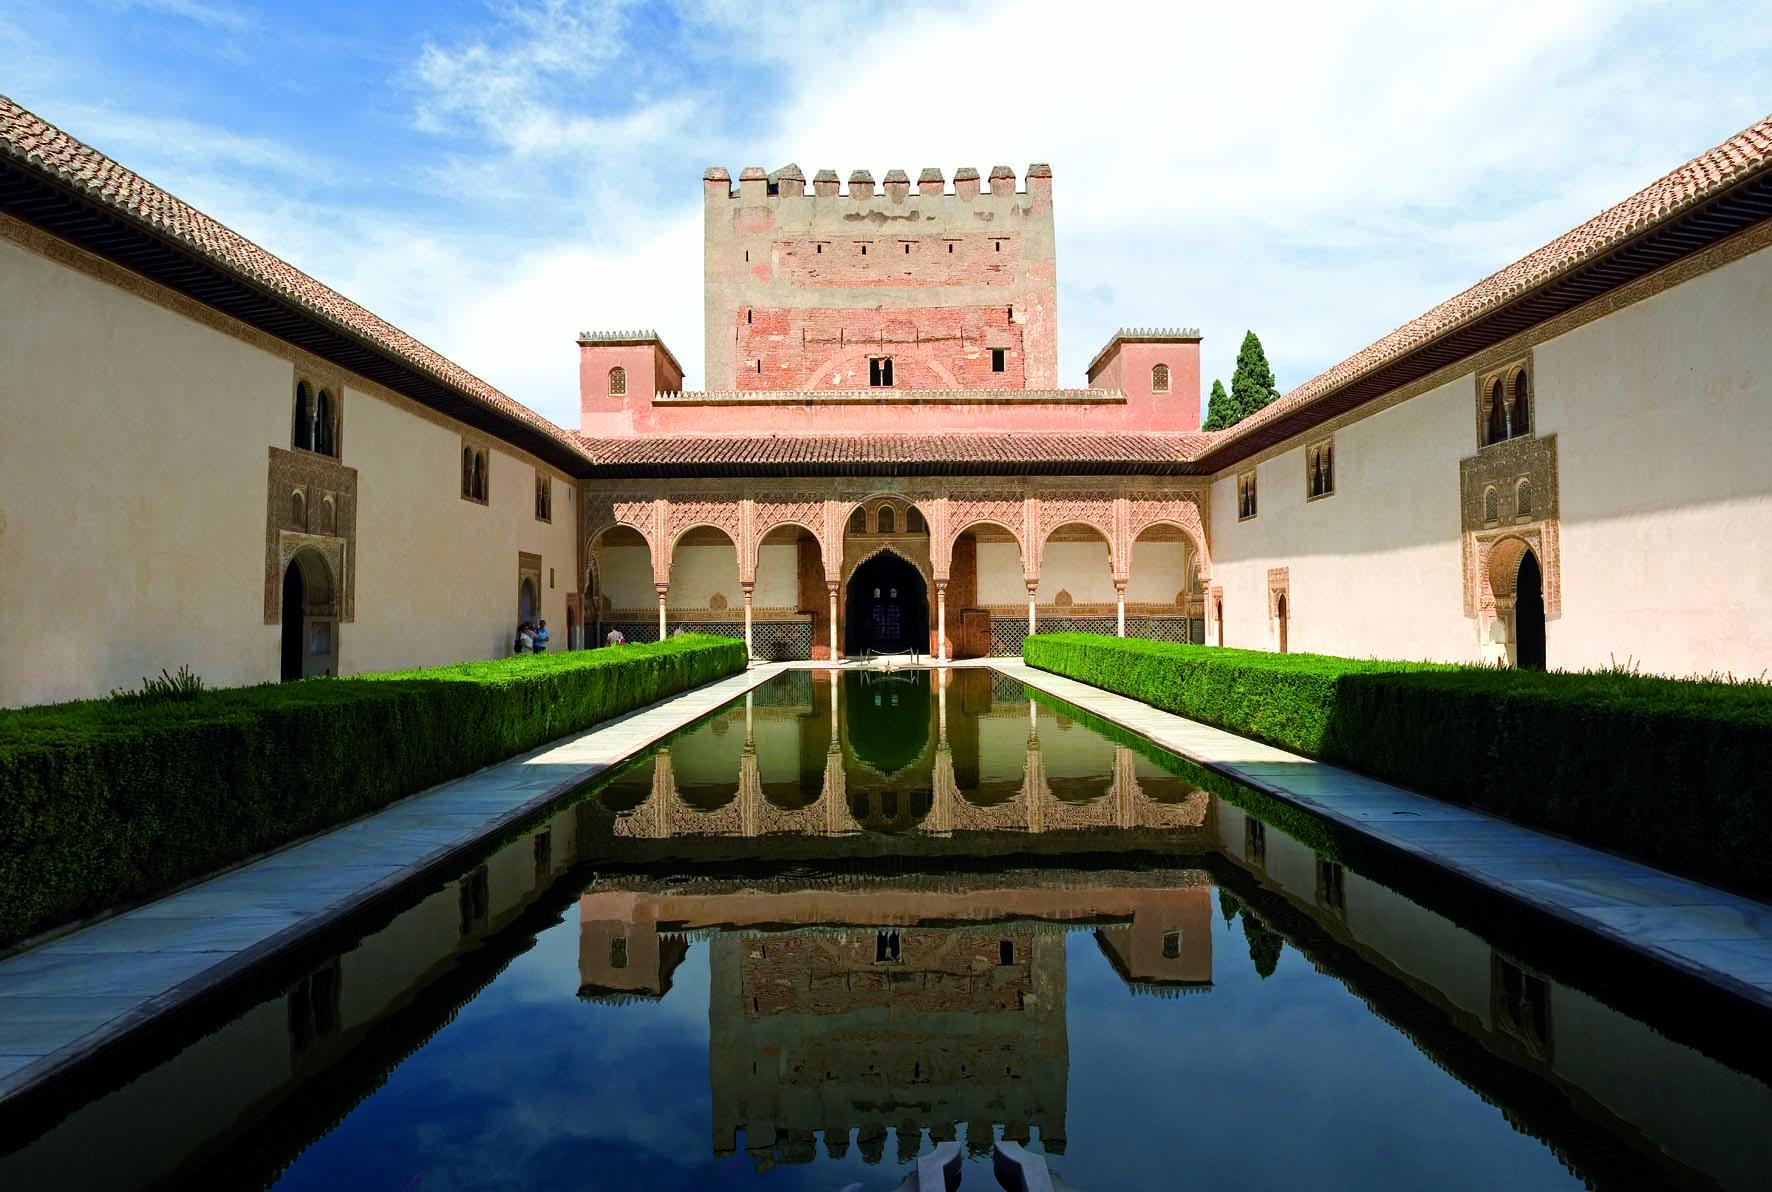 Visita la Alahambra de Granada cuando estudias hotelería y turismo en Les Roches Marbella.